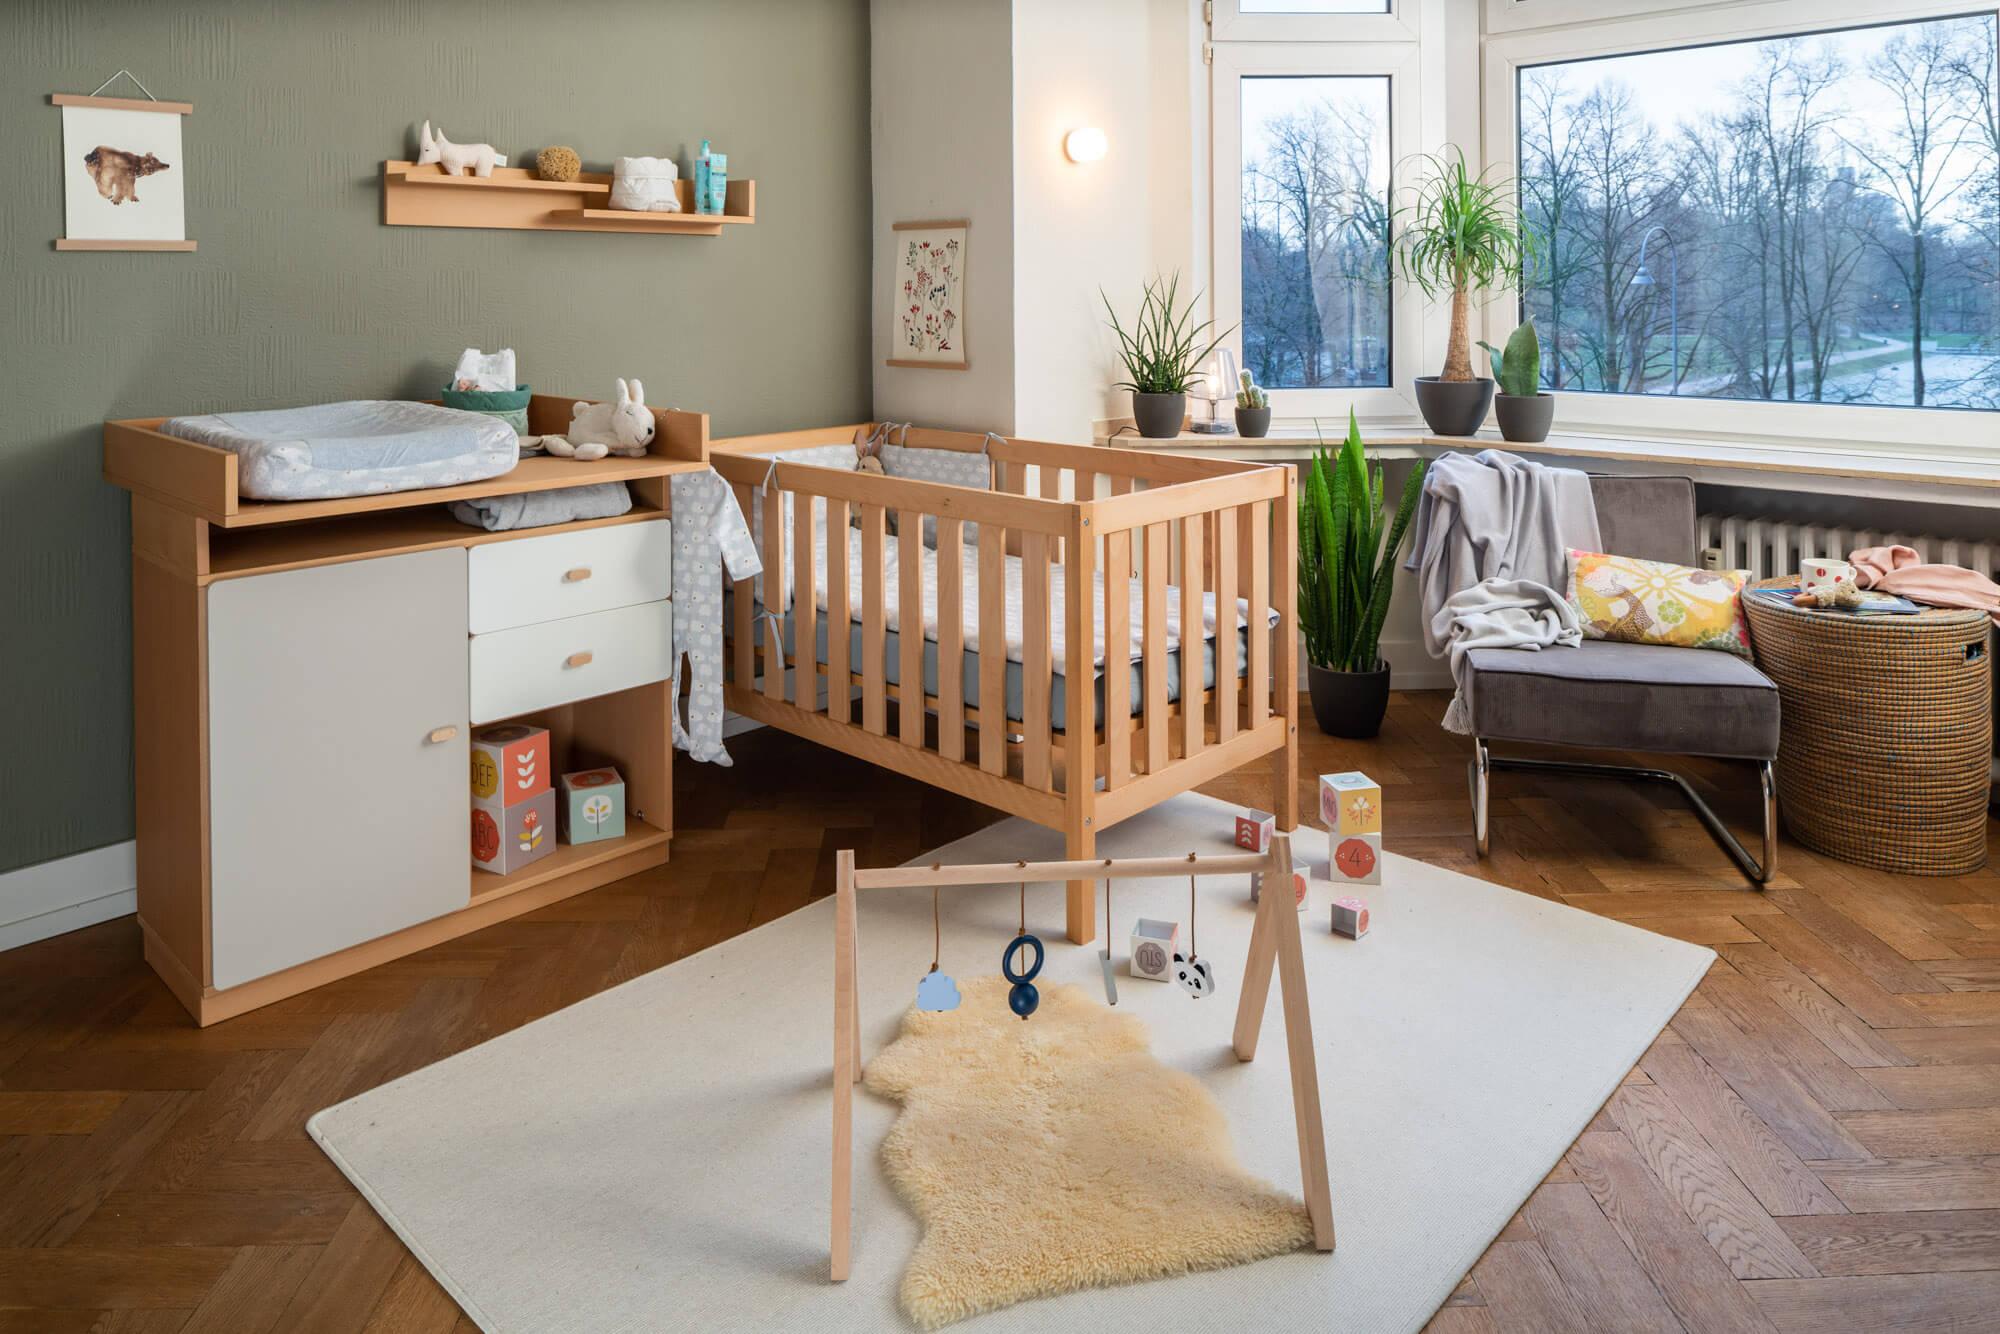 Babyzimmer von de Breuyn - Babybett und Wickelkommode